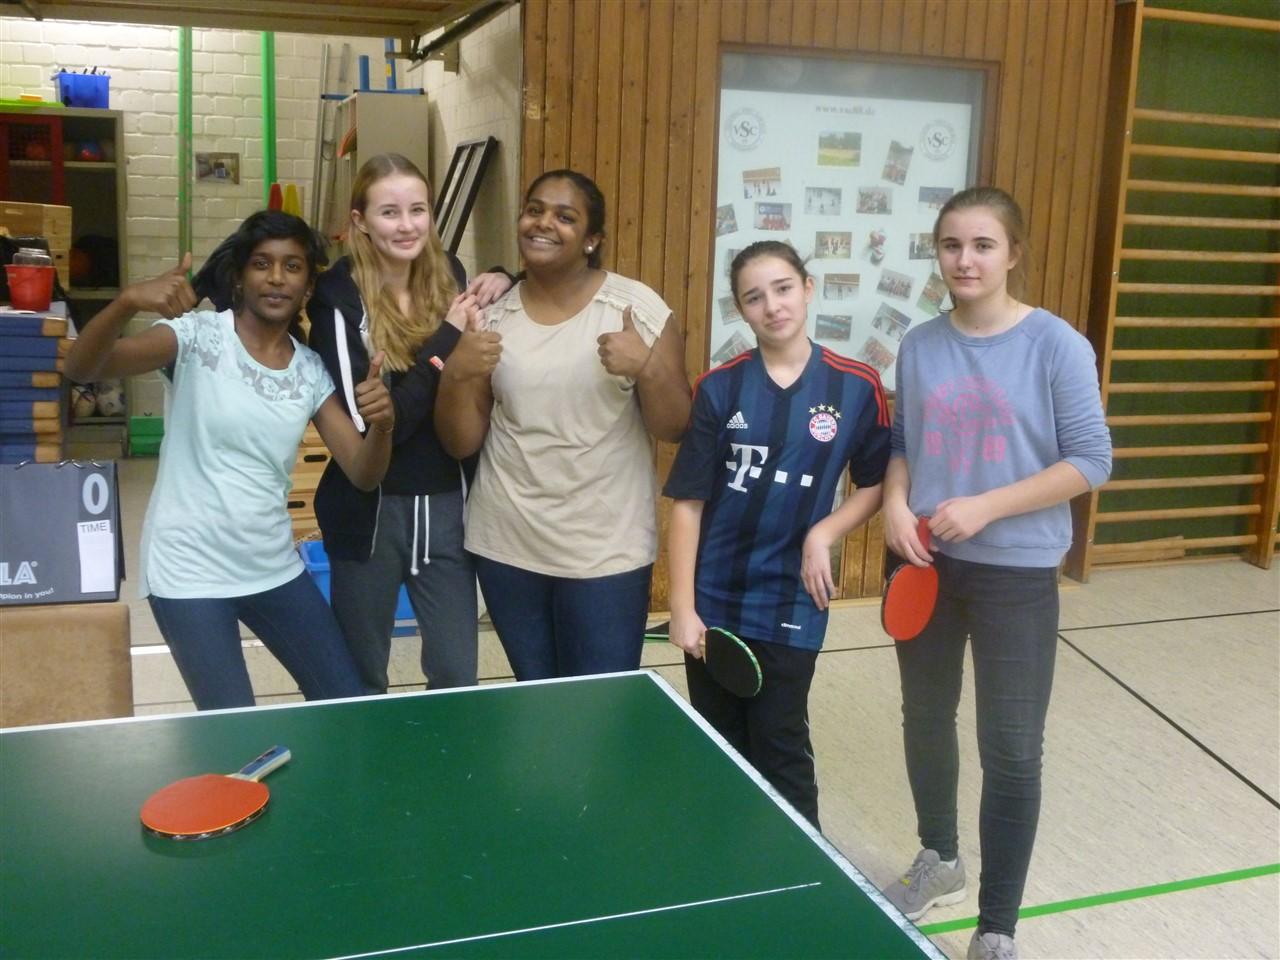 Tischtennis: KKG erfolgreichste Schule im Rhein-Kreis Neuss